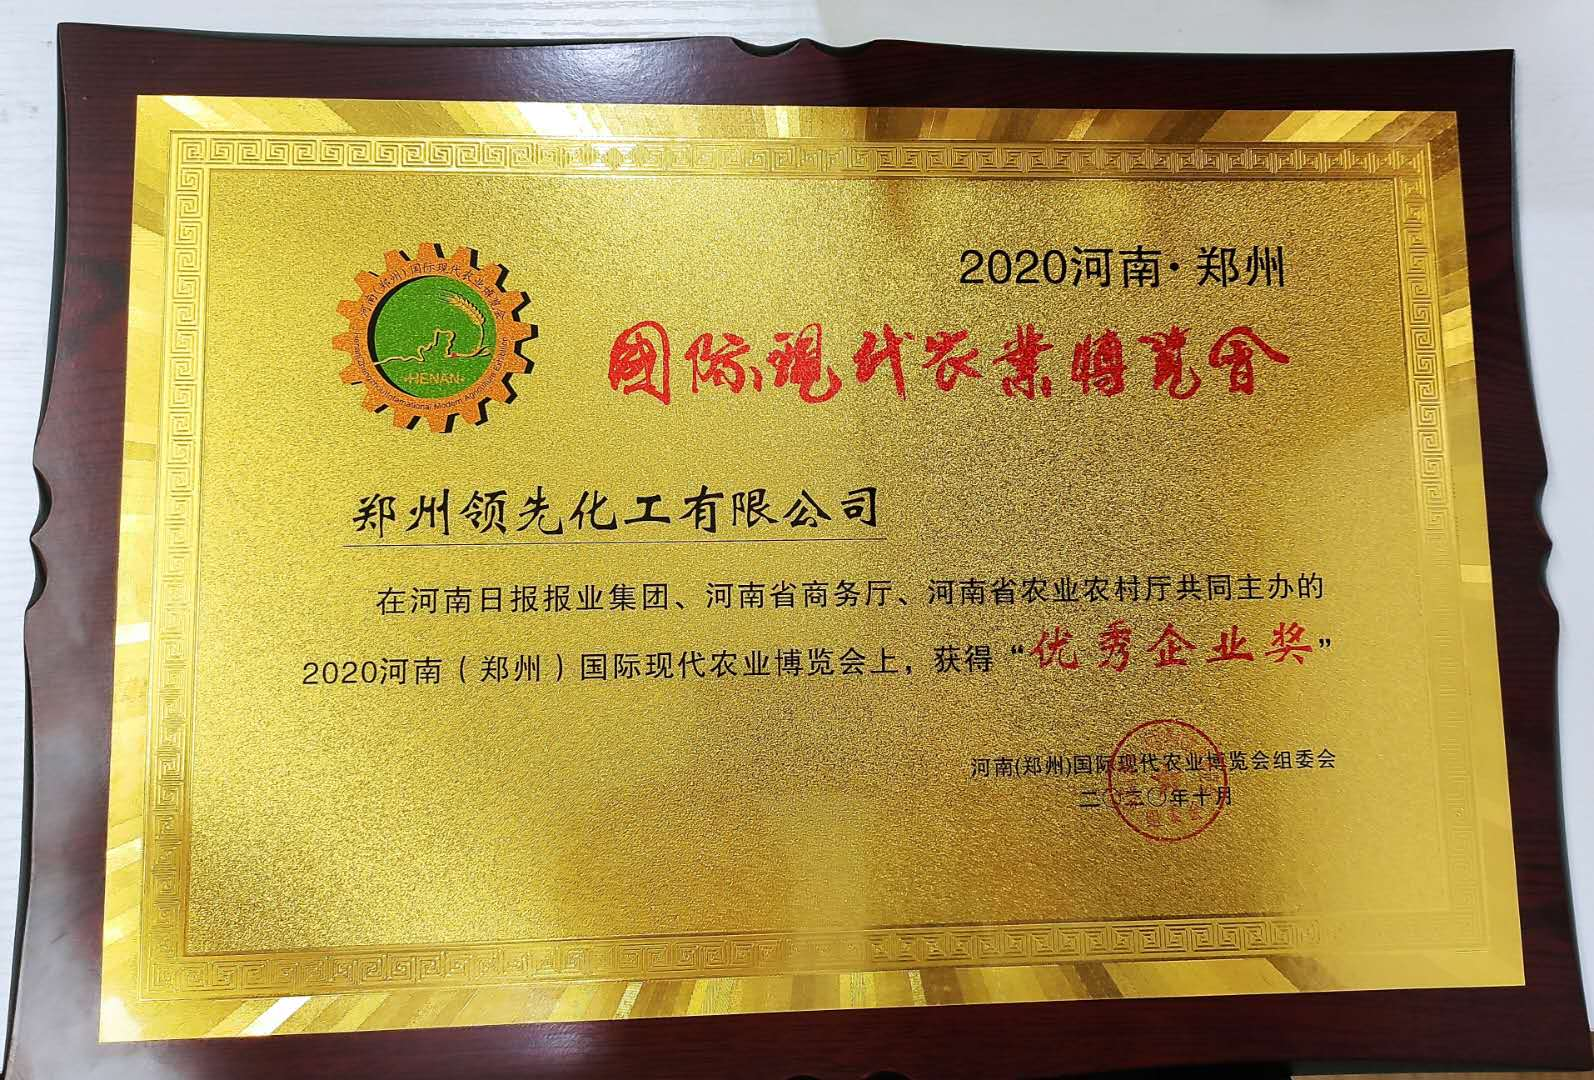 2020年郑州国际现在农业博览会